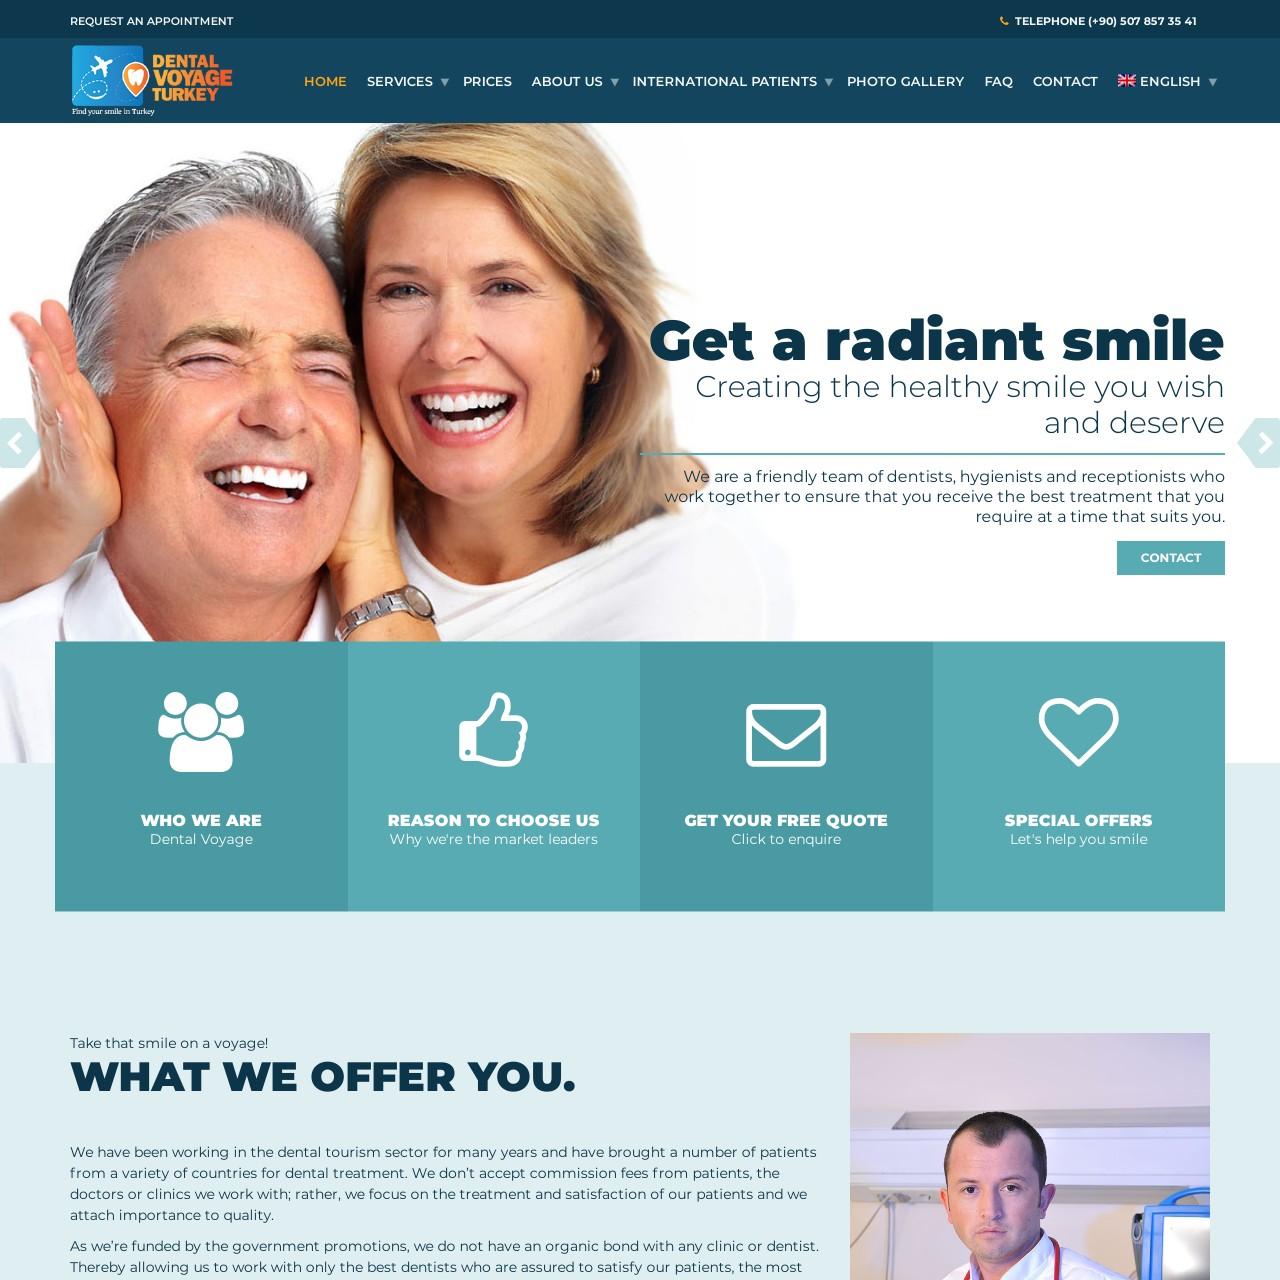 dental voyage turkey website